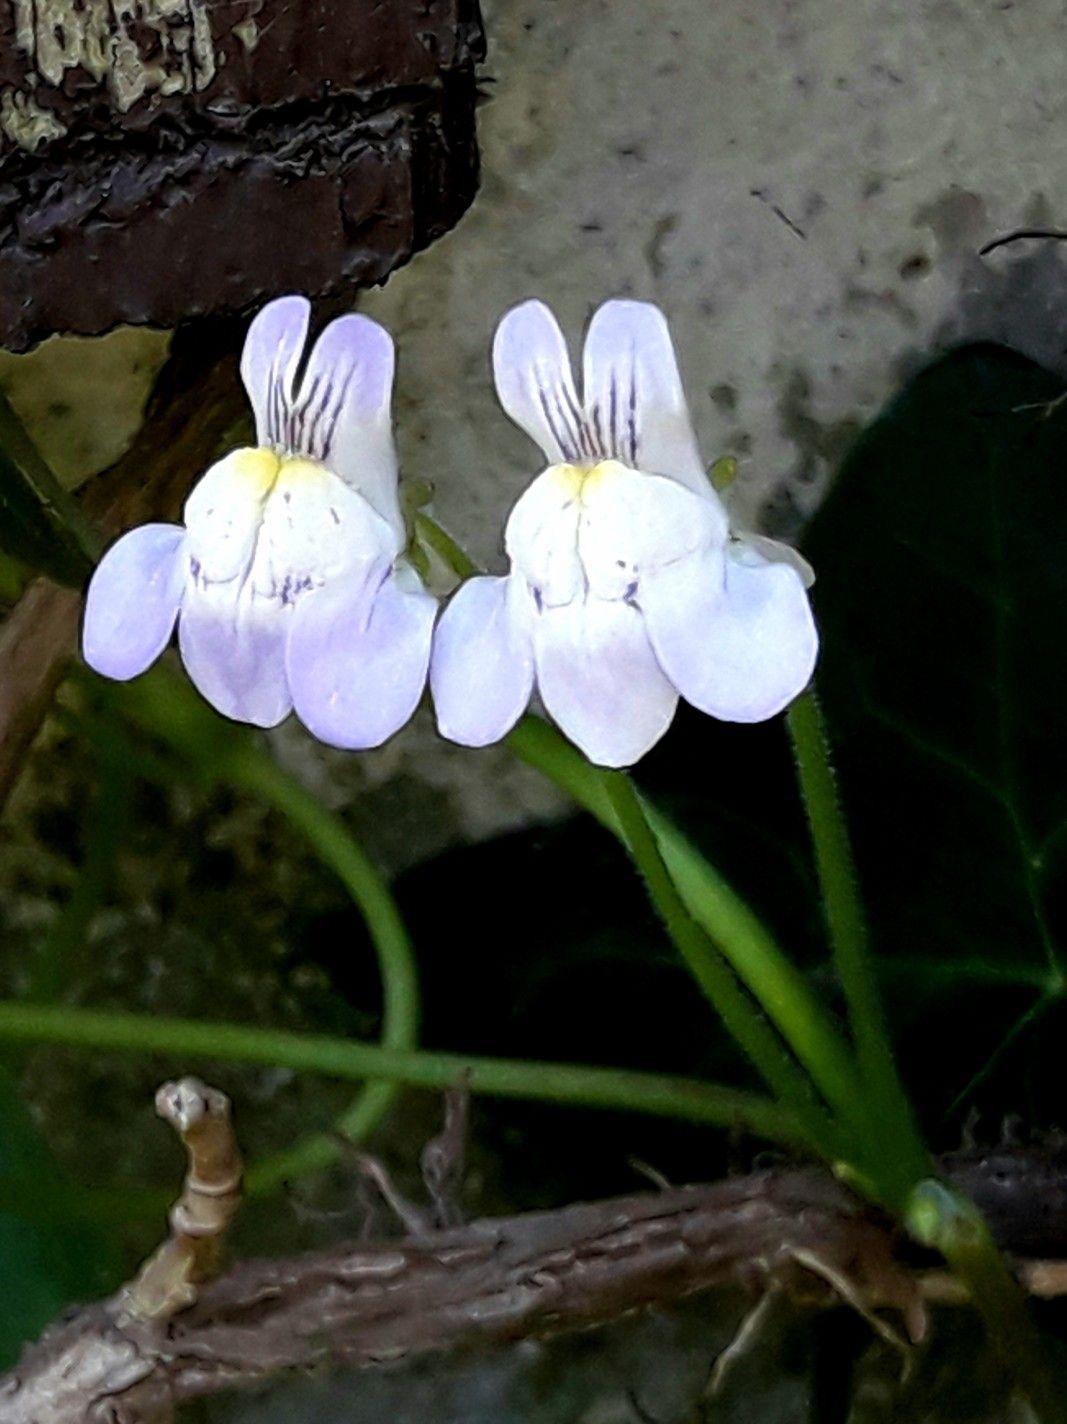 Lnica Bluszczykowata Plants